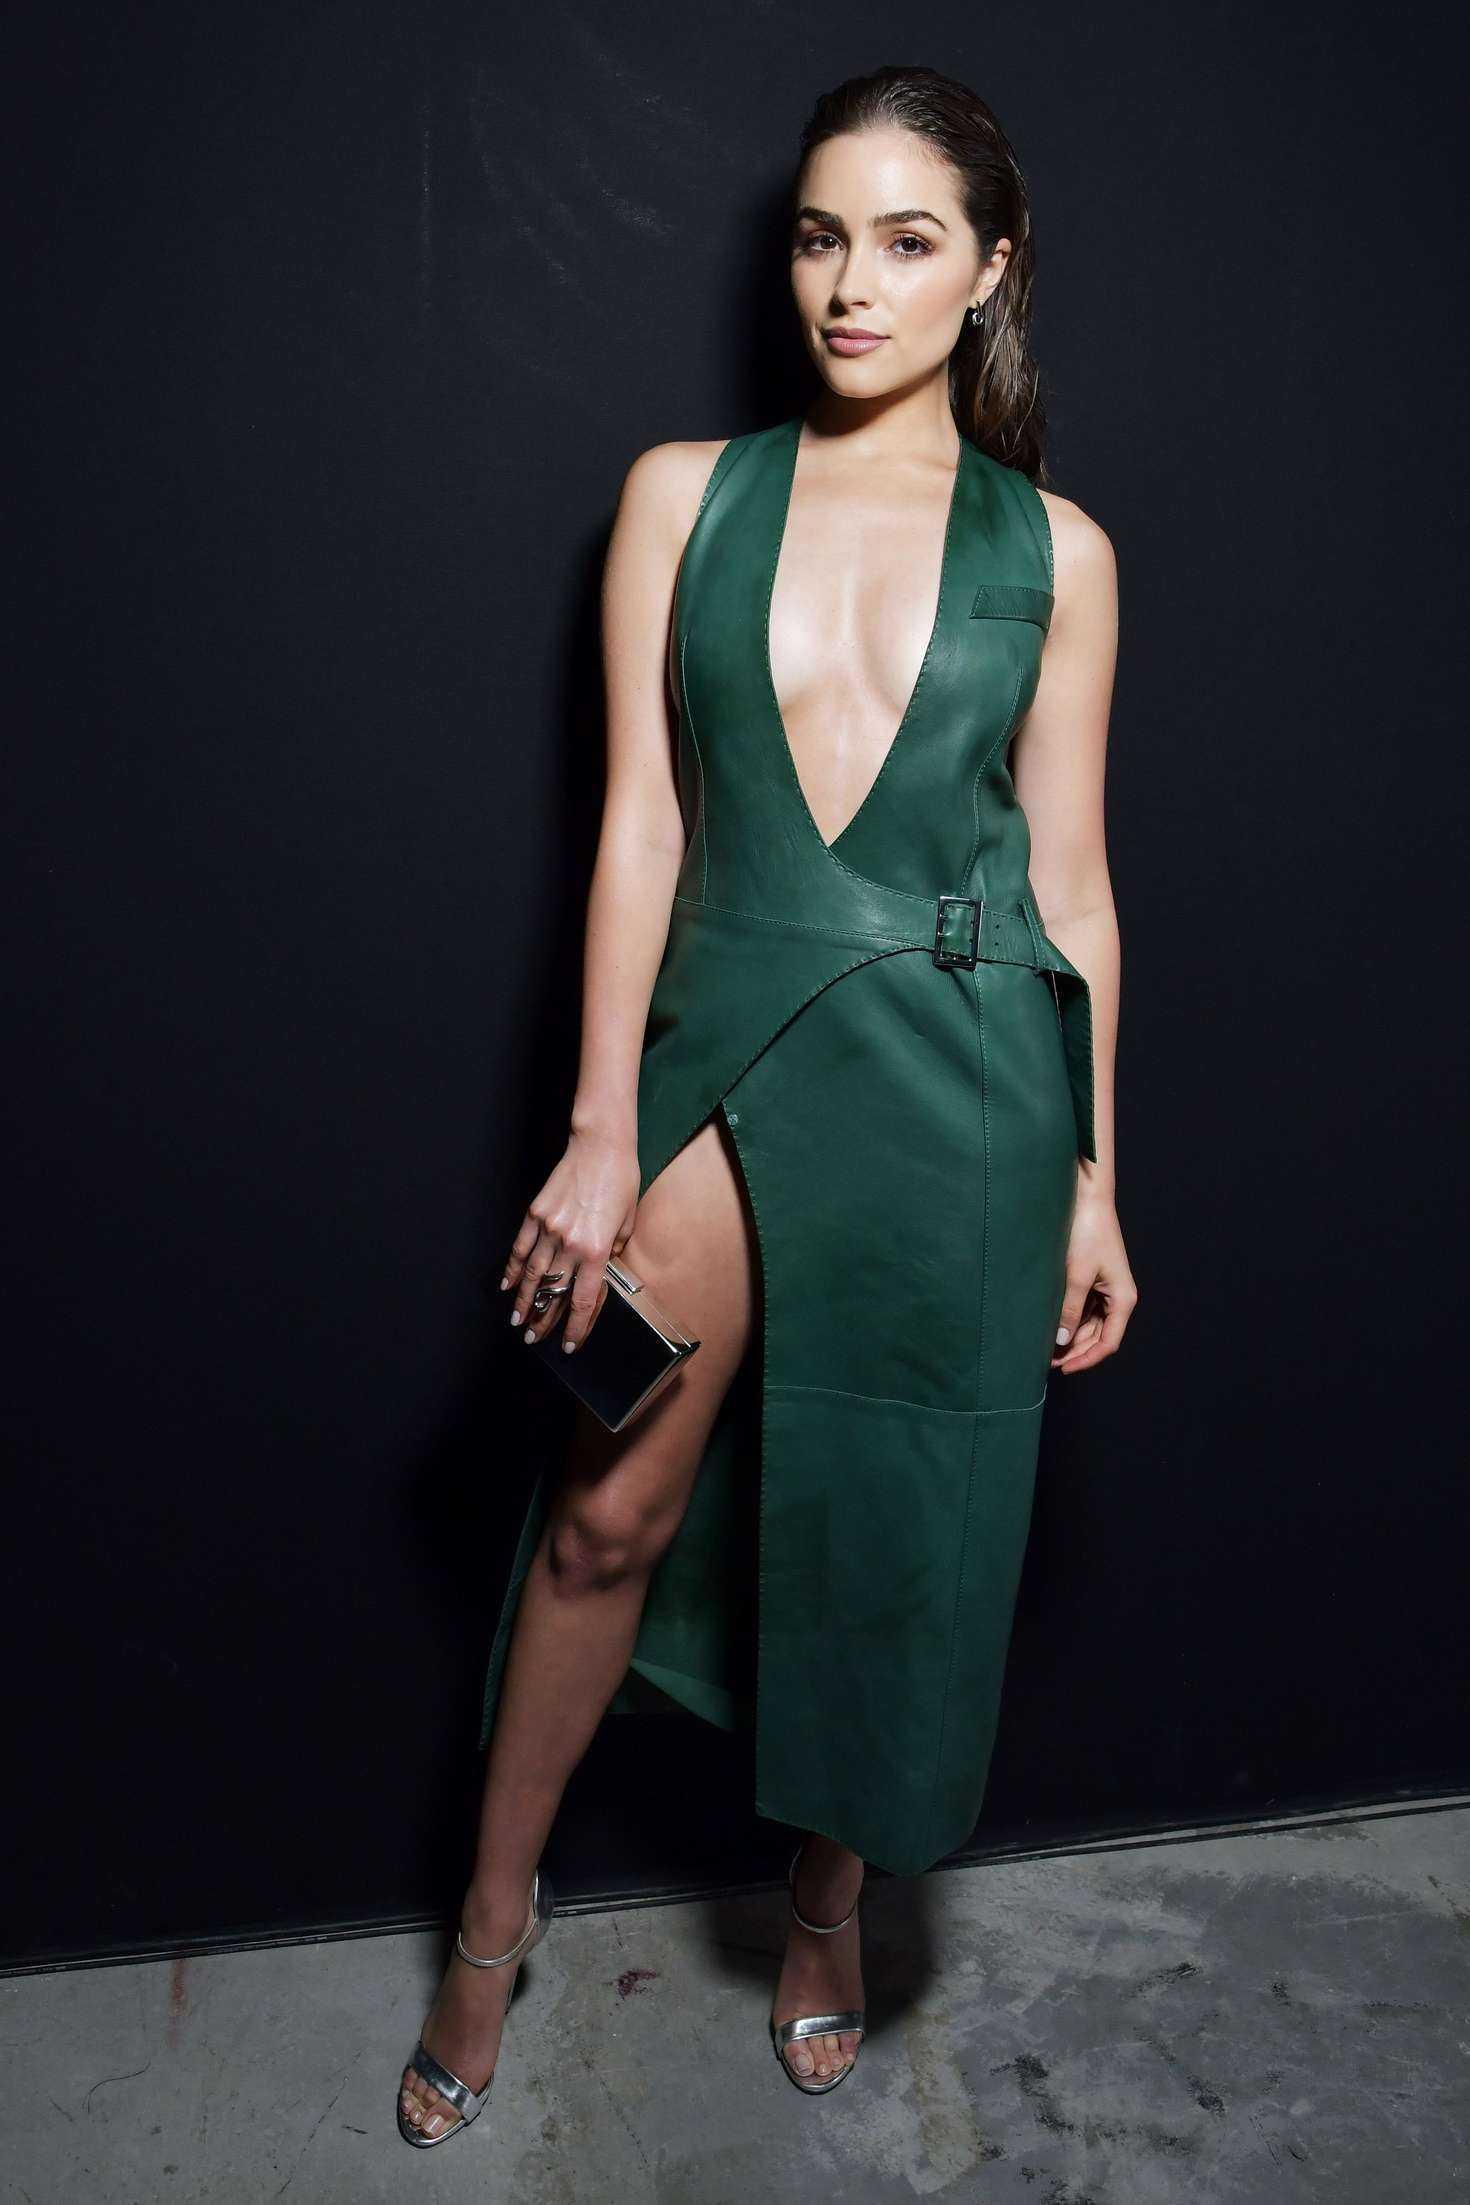 зеленый сарафан фото 5